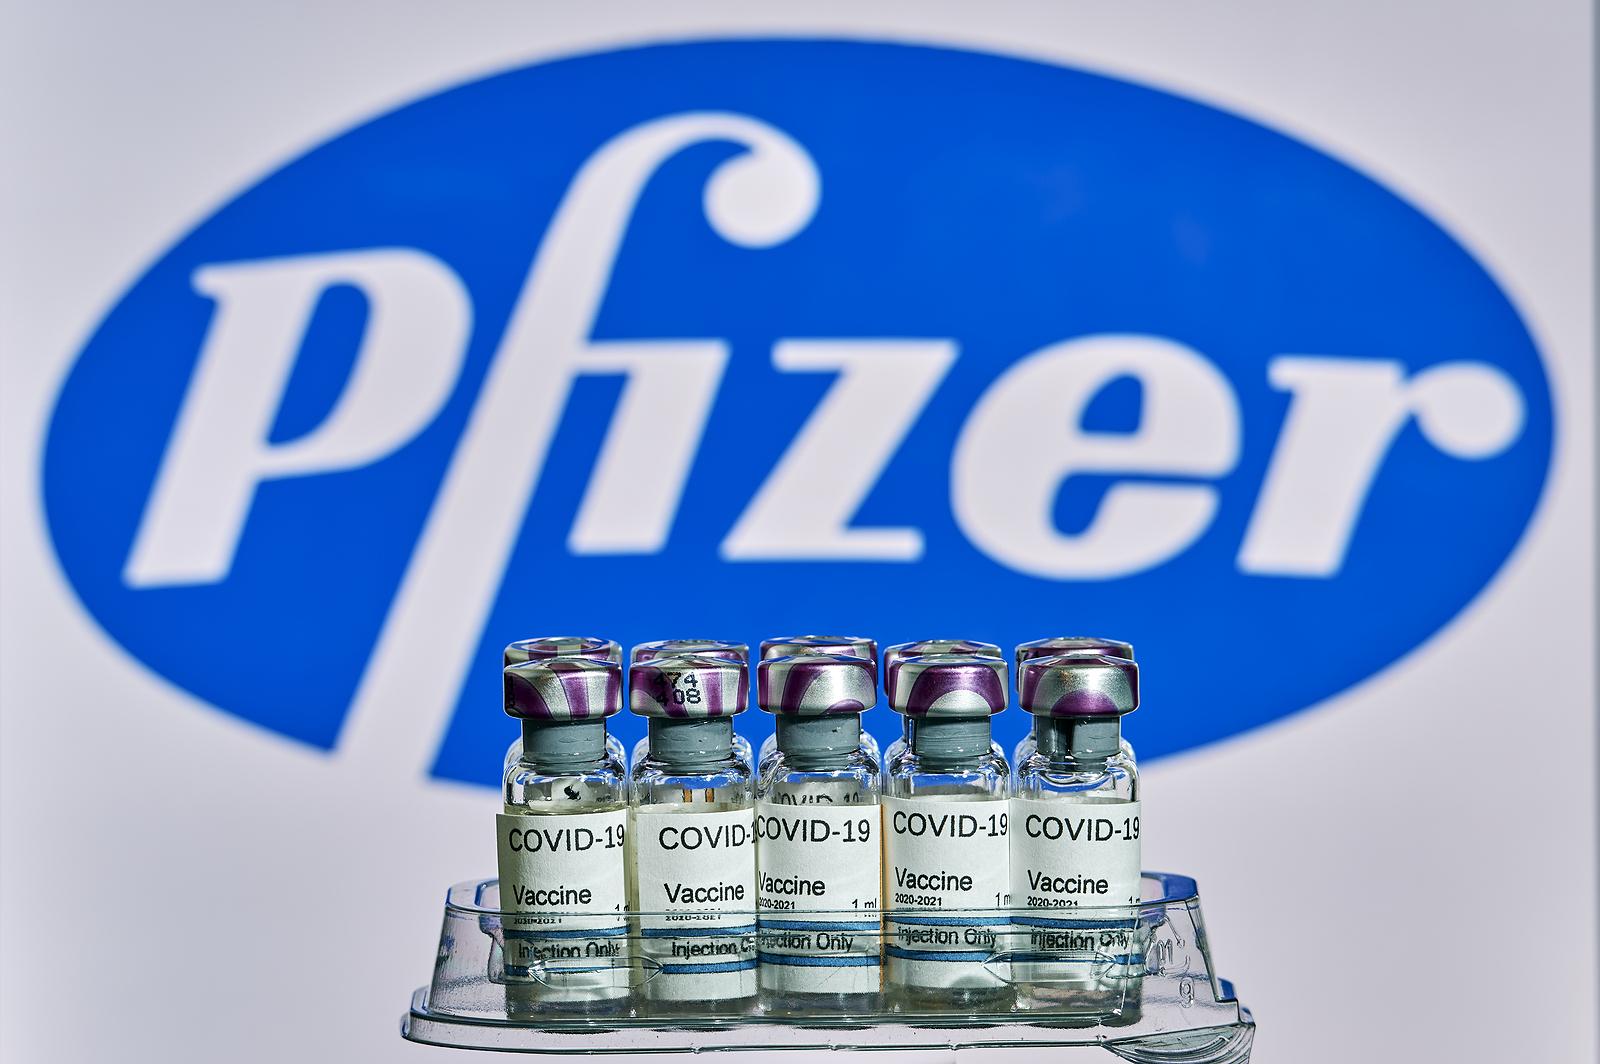 Pfizer vaccine for Covid-19